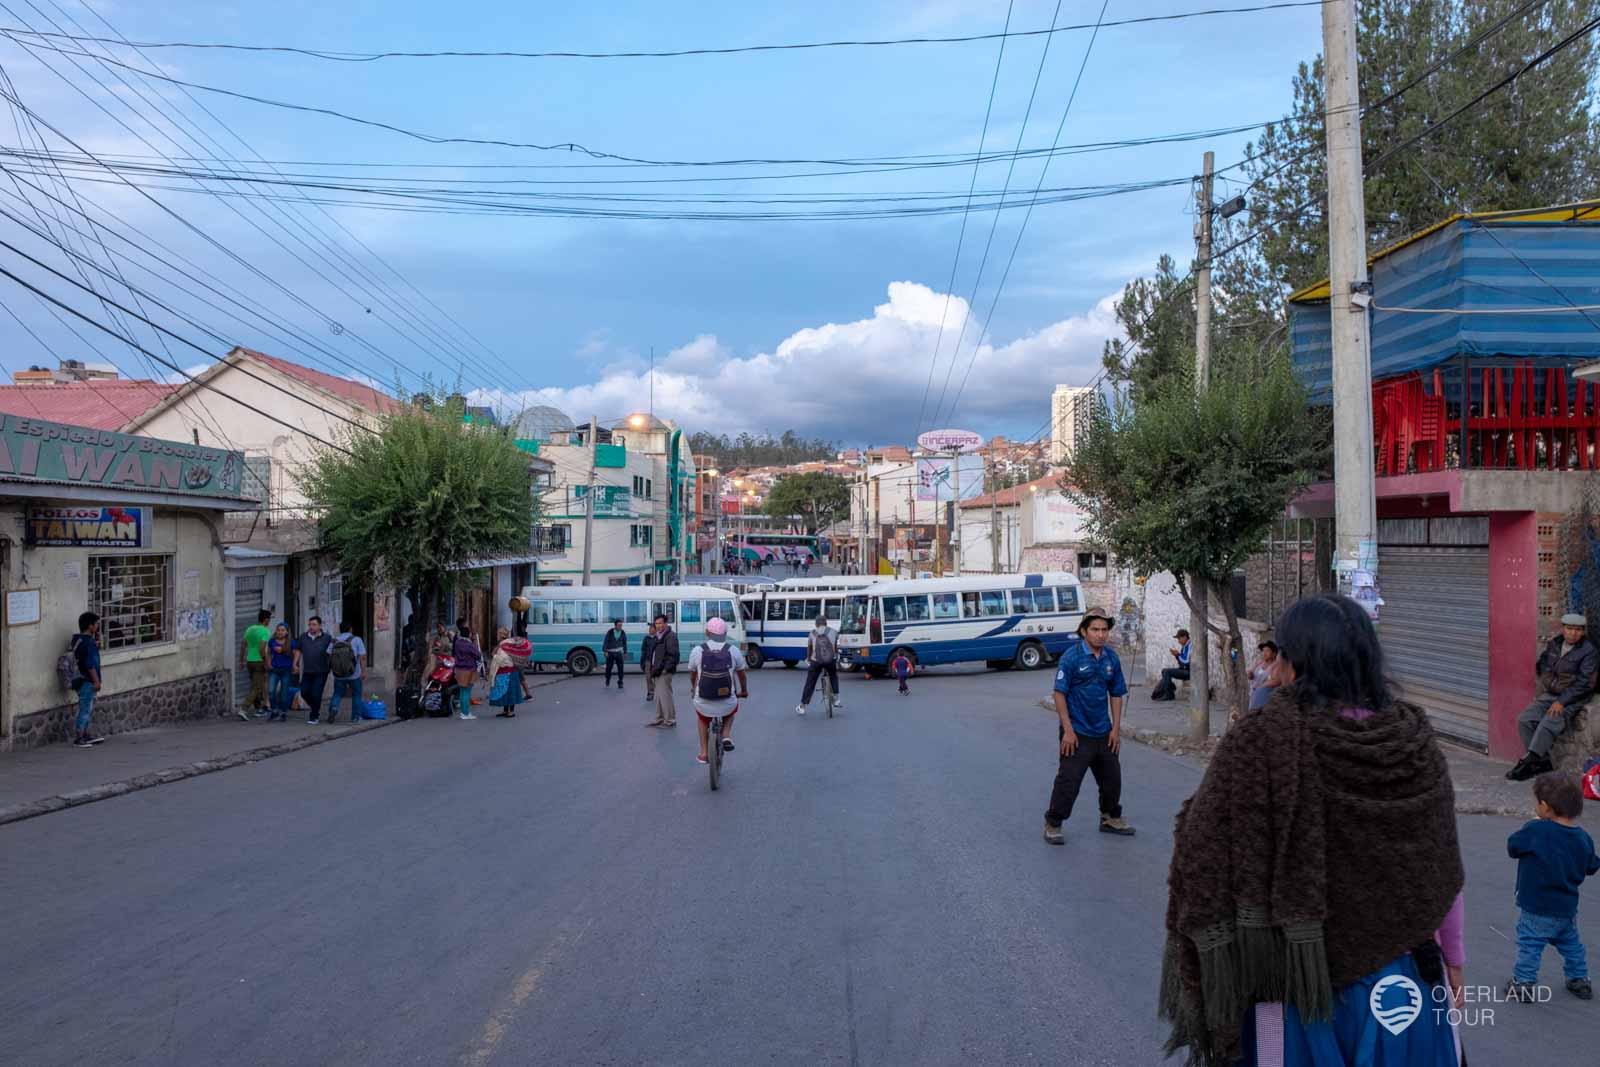 Die Straße vor dem Busbahnhof, ein Durchkommen nicht möglich